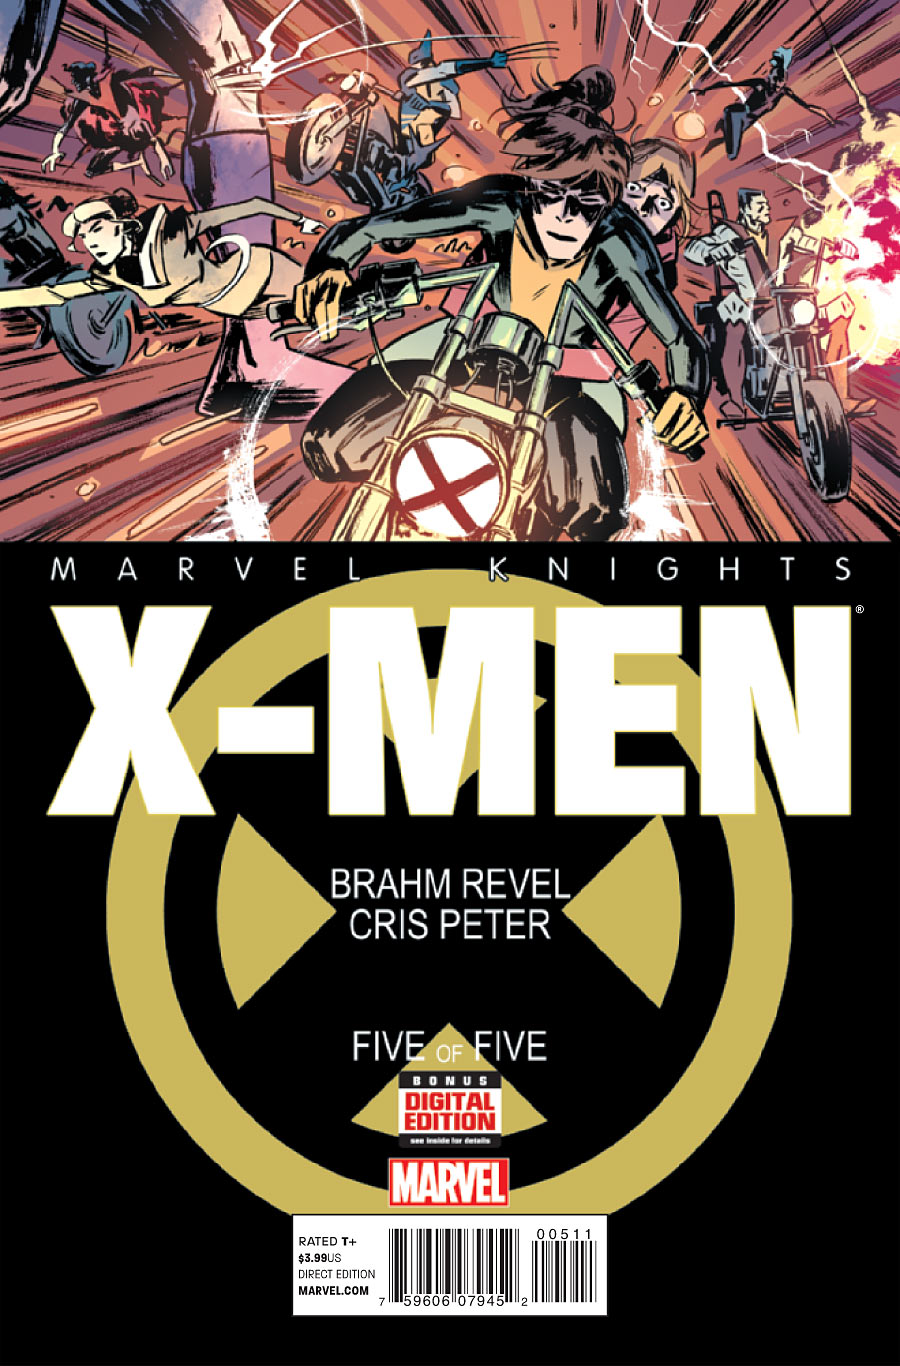 Marvel Knights X-Men Vol 1 5